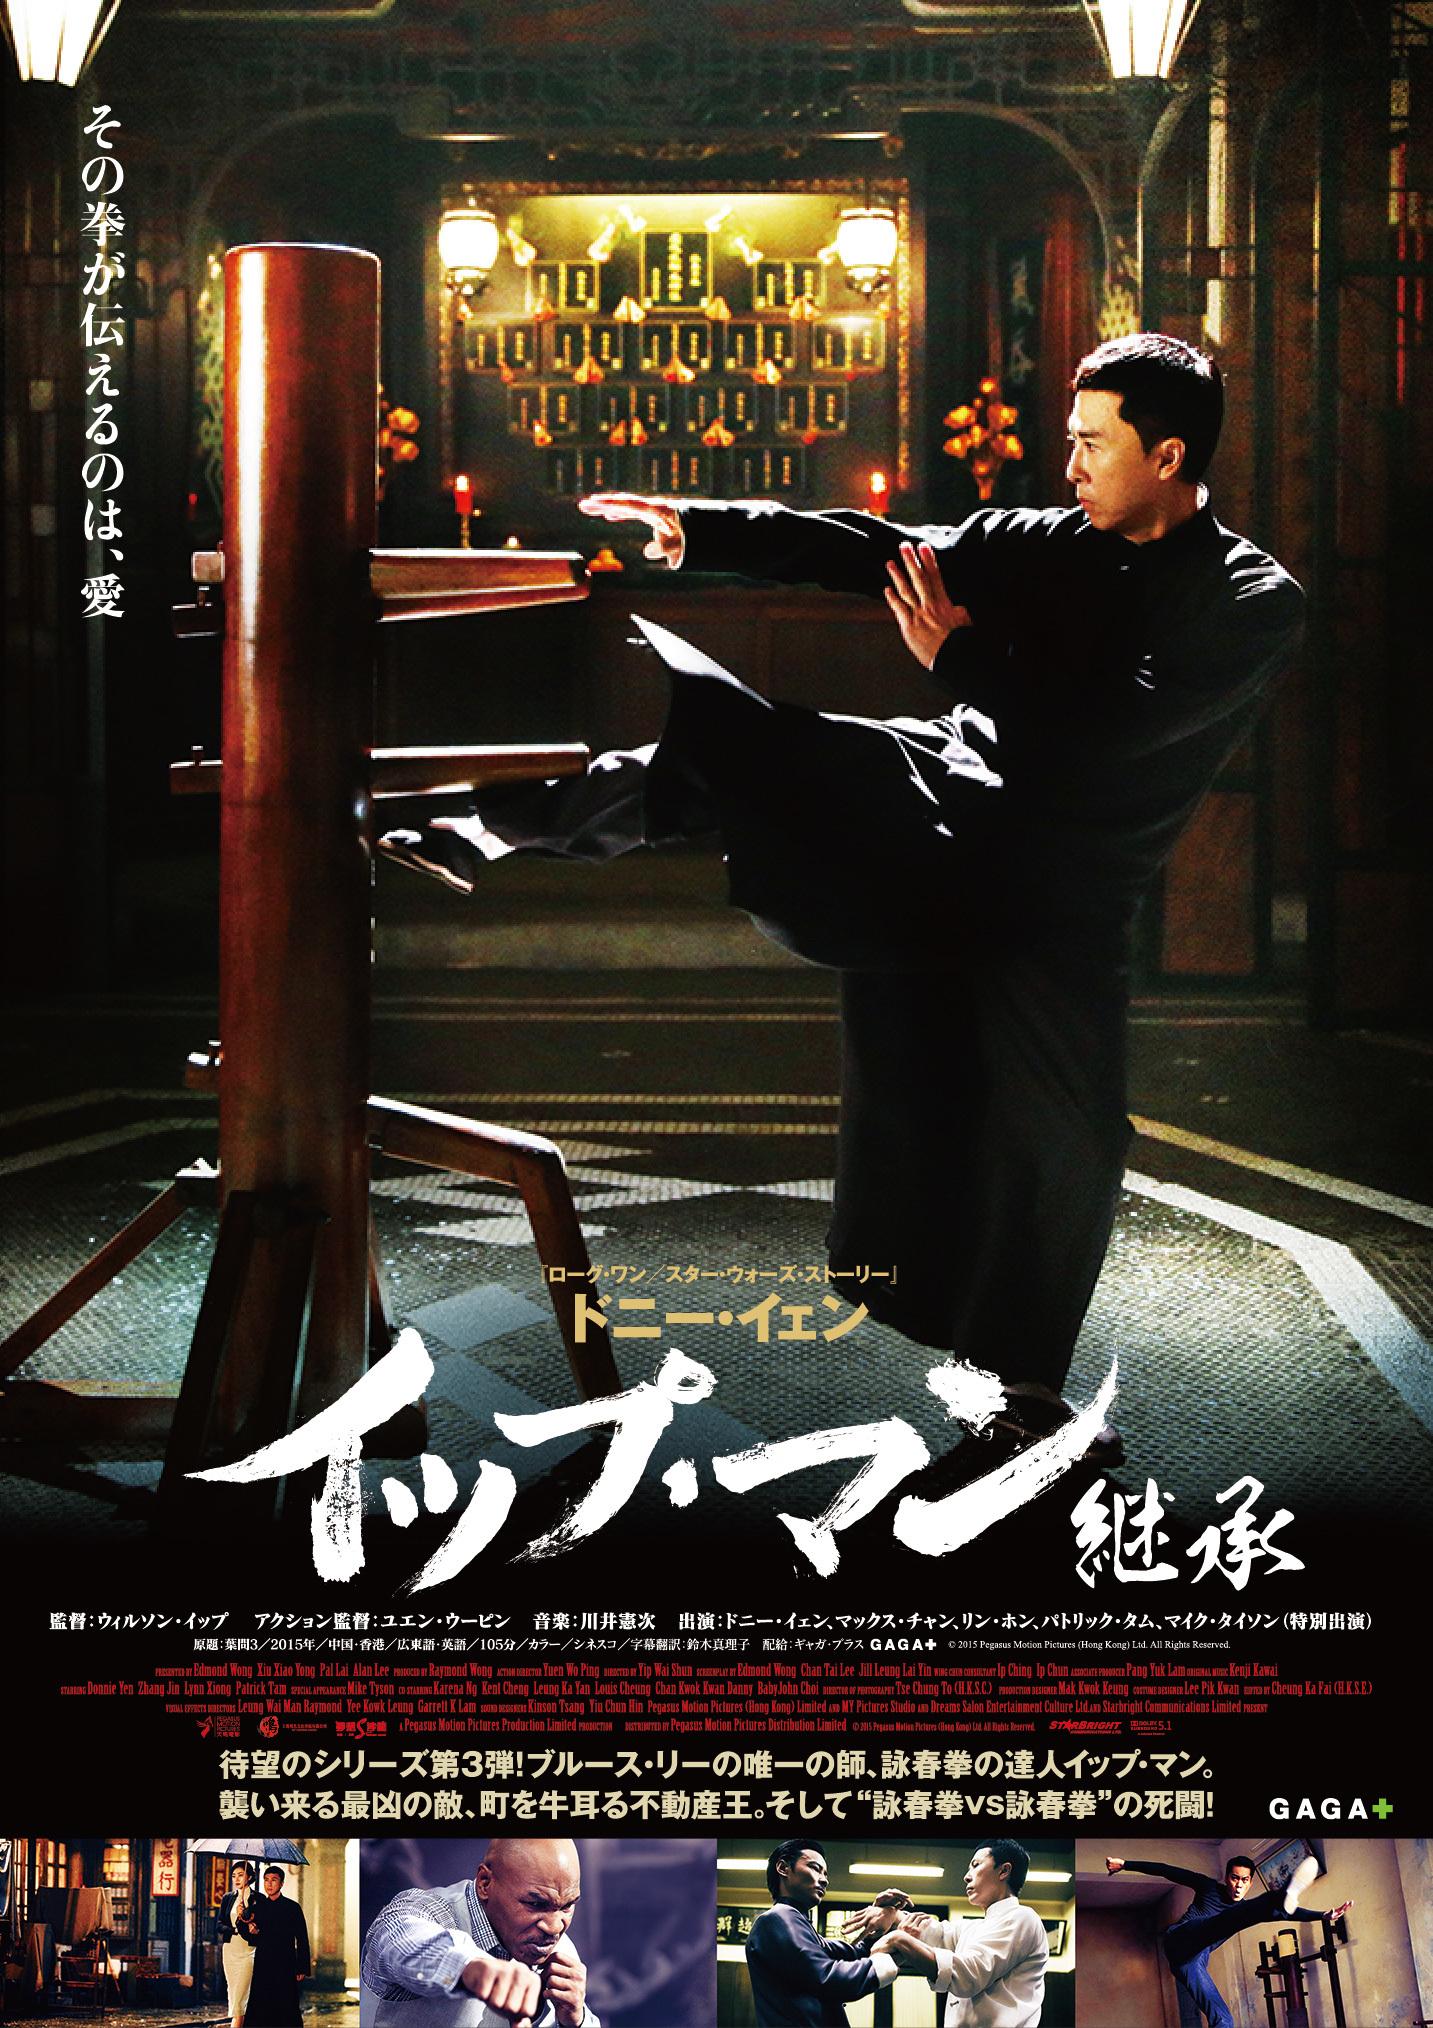 『イップ・マン 継承』日本オリジナルポスター